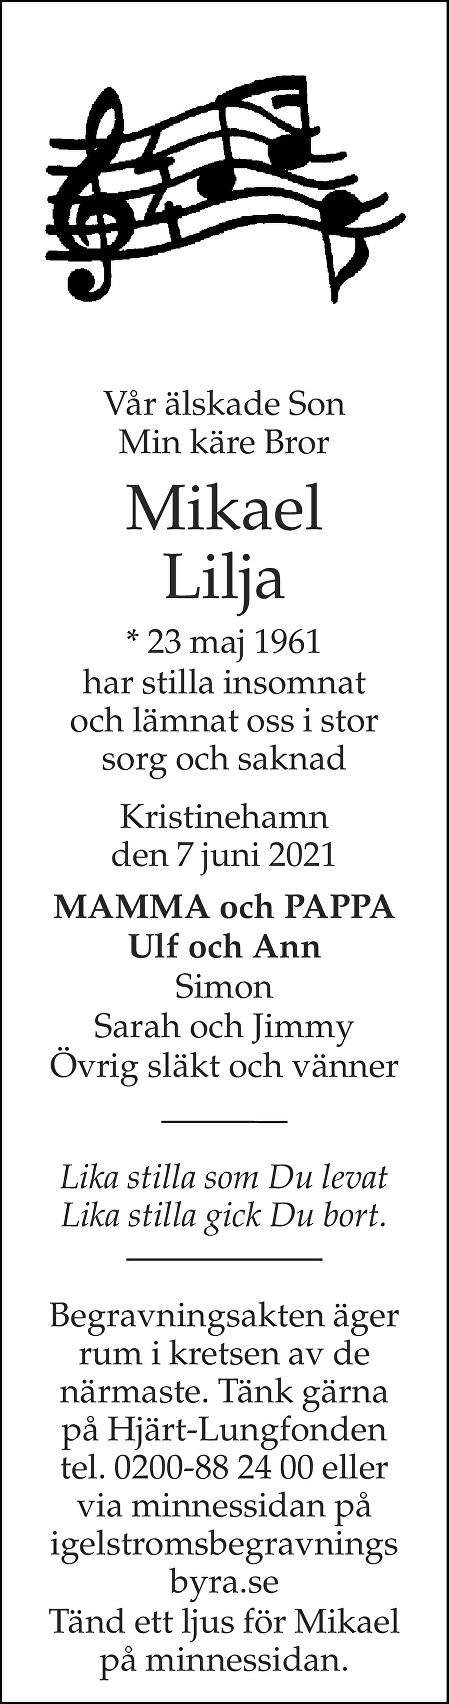 Mikael Lilja Death notice